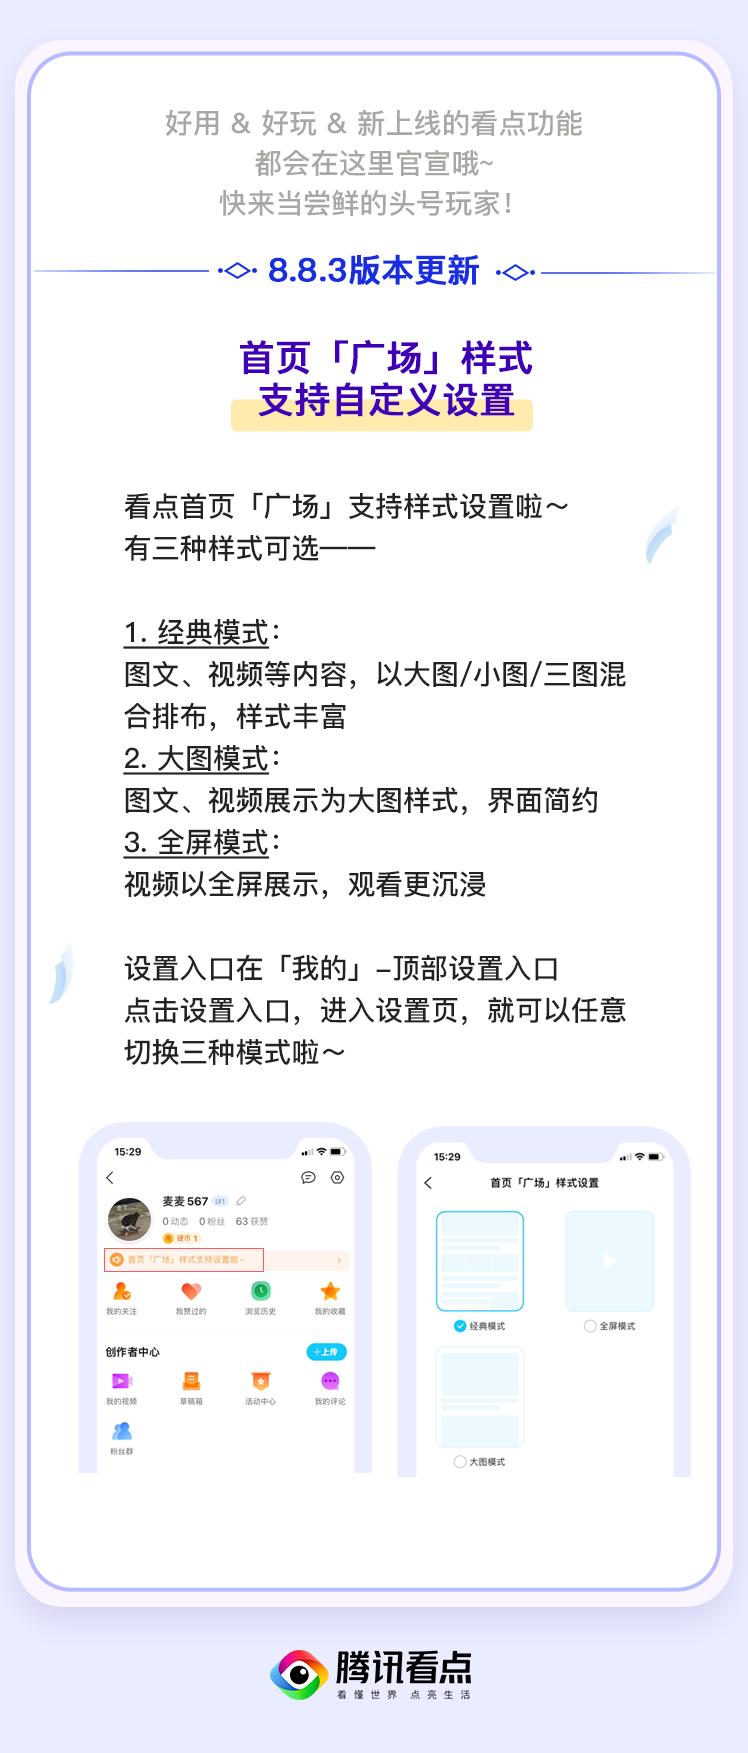 腾讯QQ解锁看点新功能